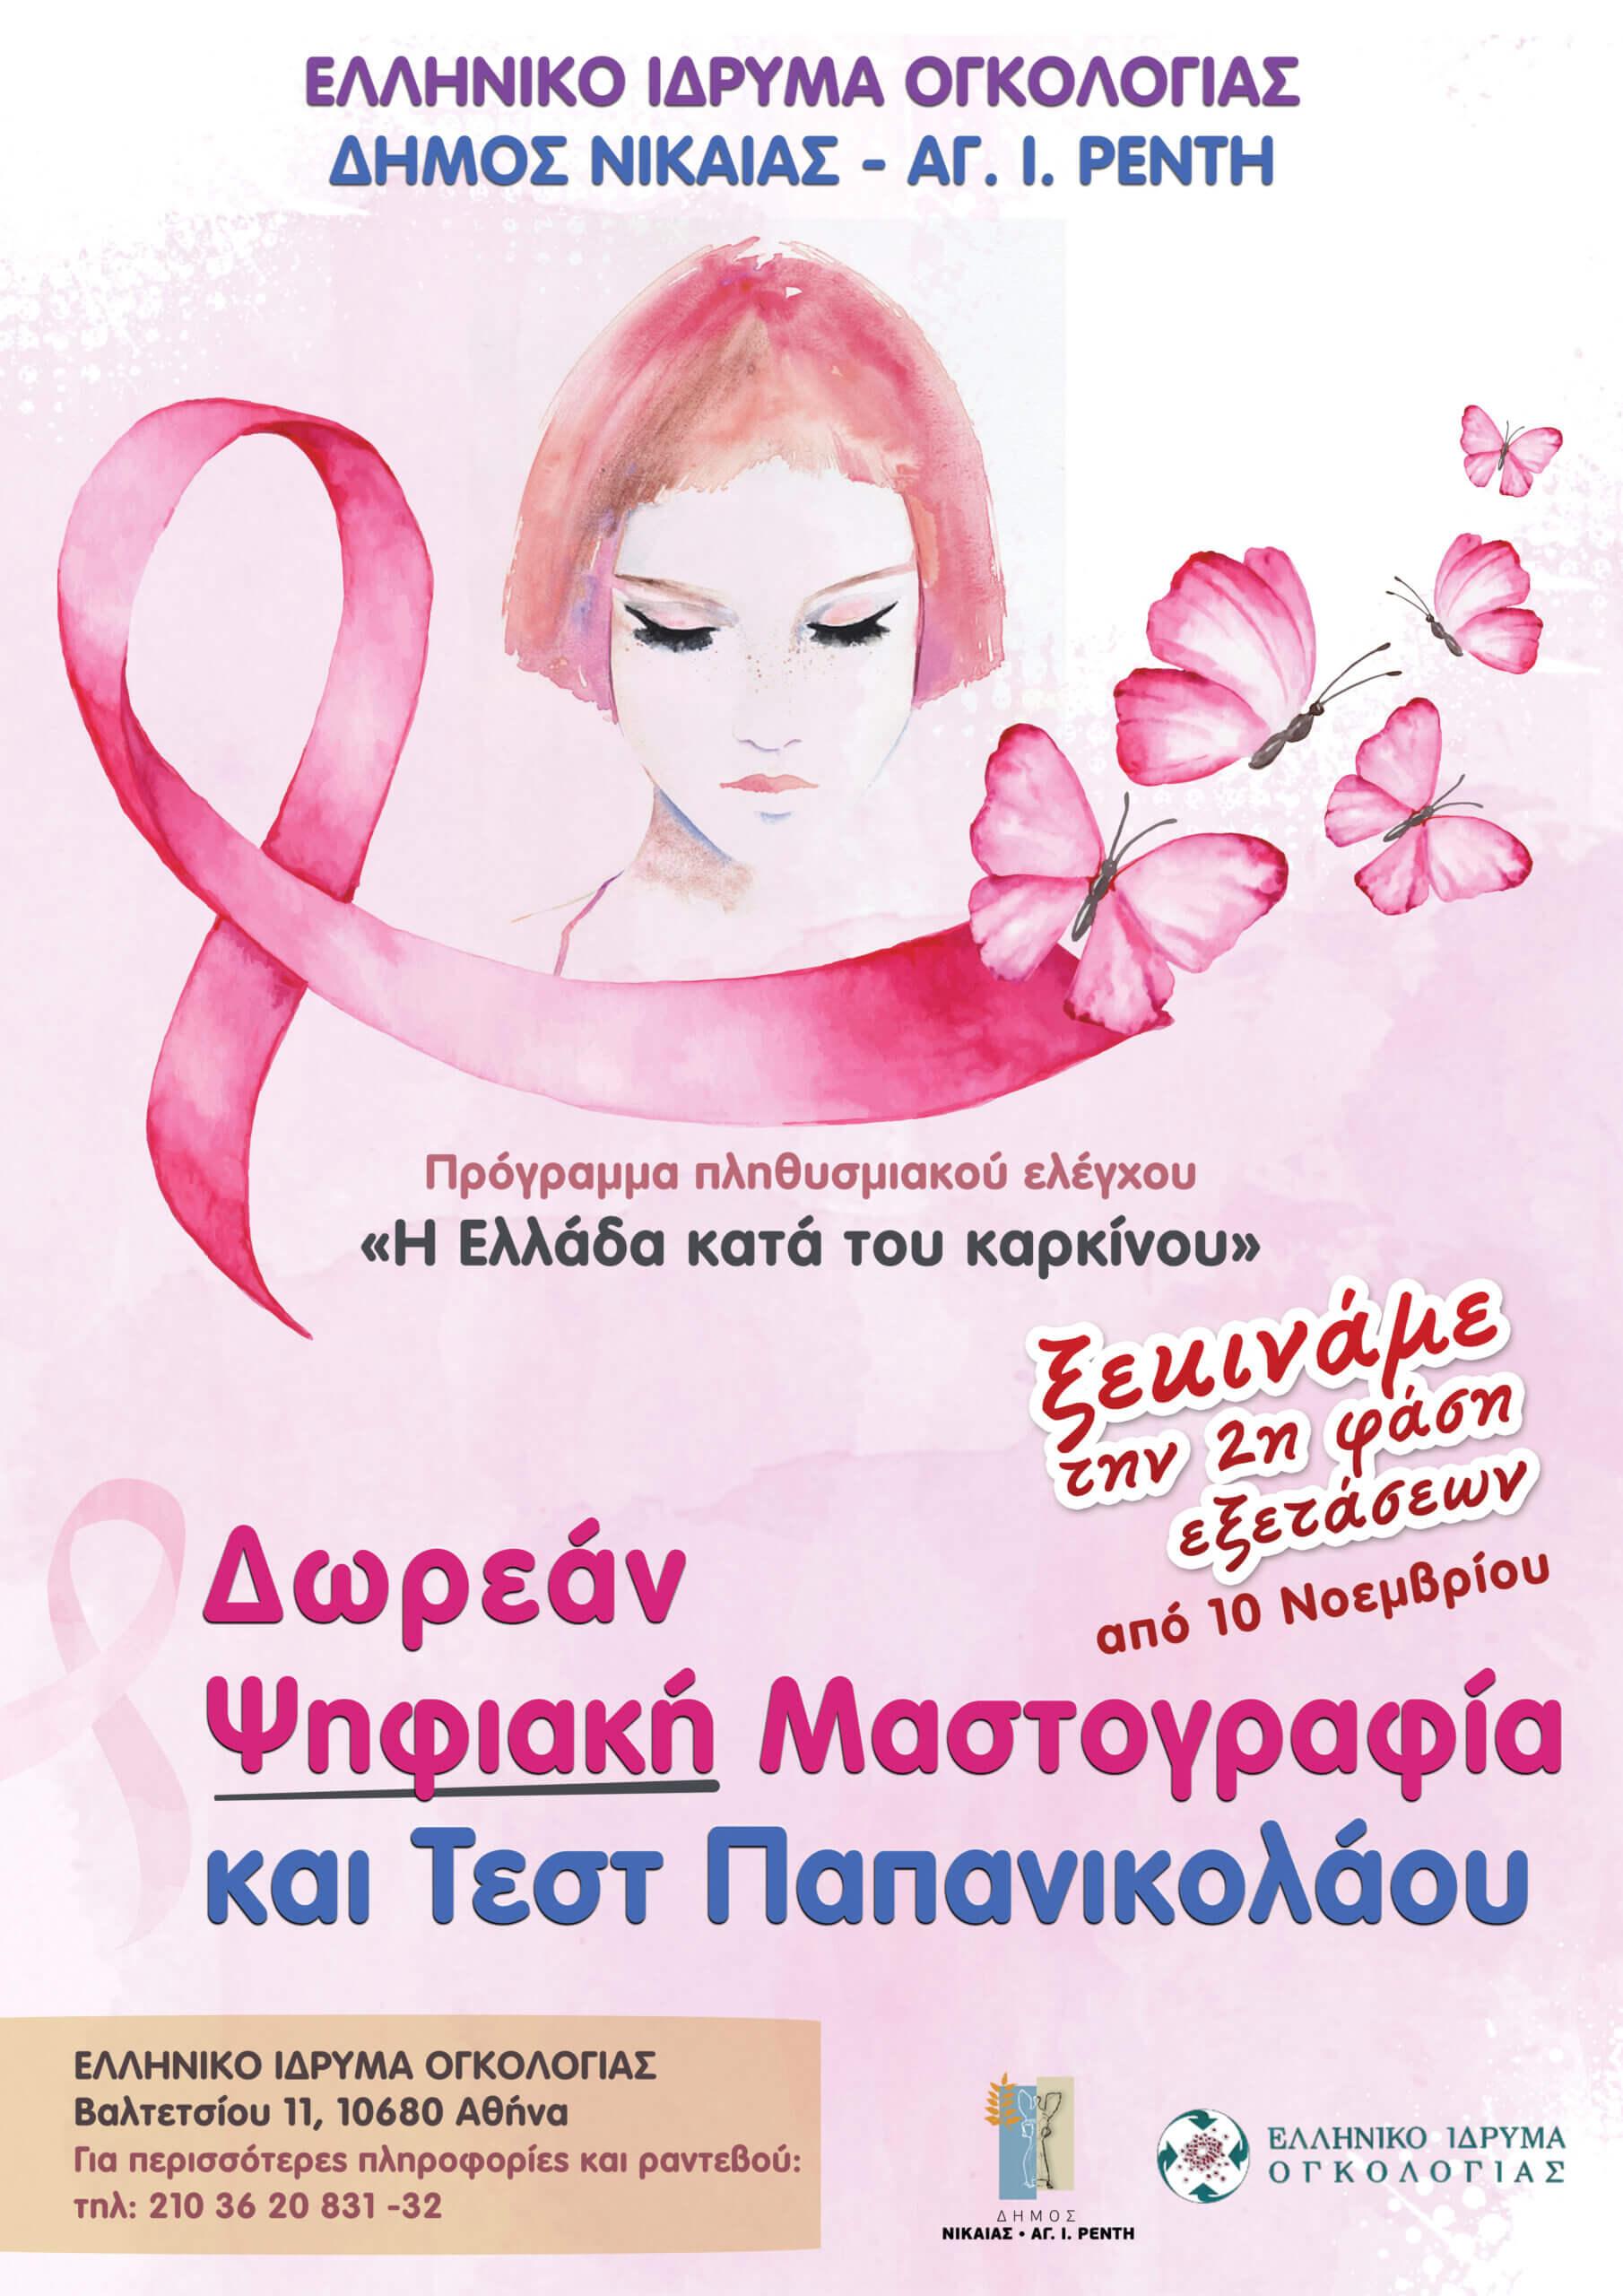 Δωρεάν Ψηφιακή Μαστογραφία και ΤΕΣΤ ΠΑΠ για τις γυναίκες του Δήμου Νίκαιας-Αγ.Ι.Ρέντη